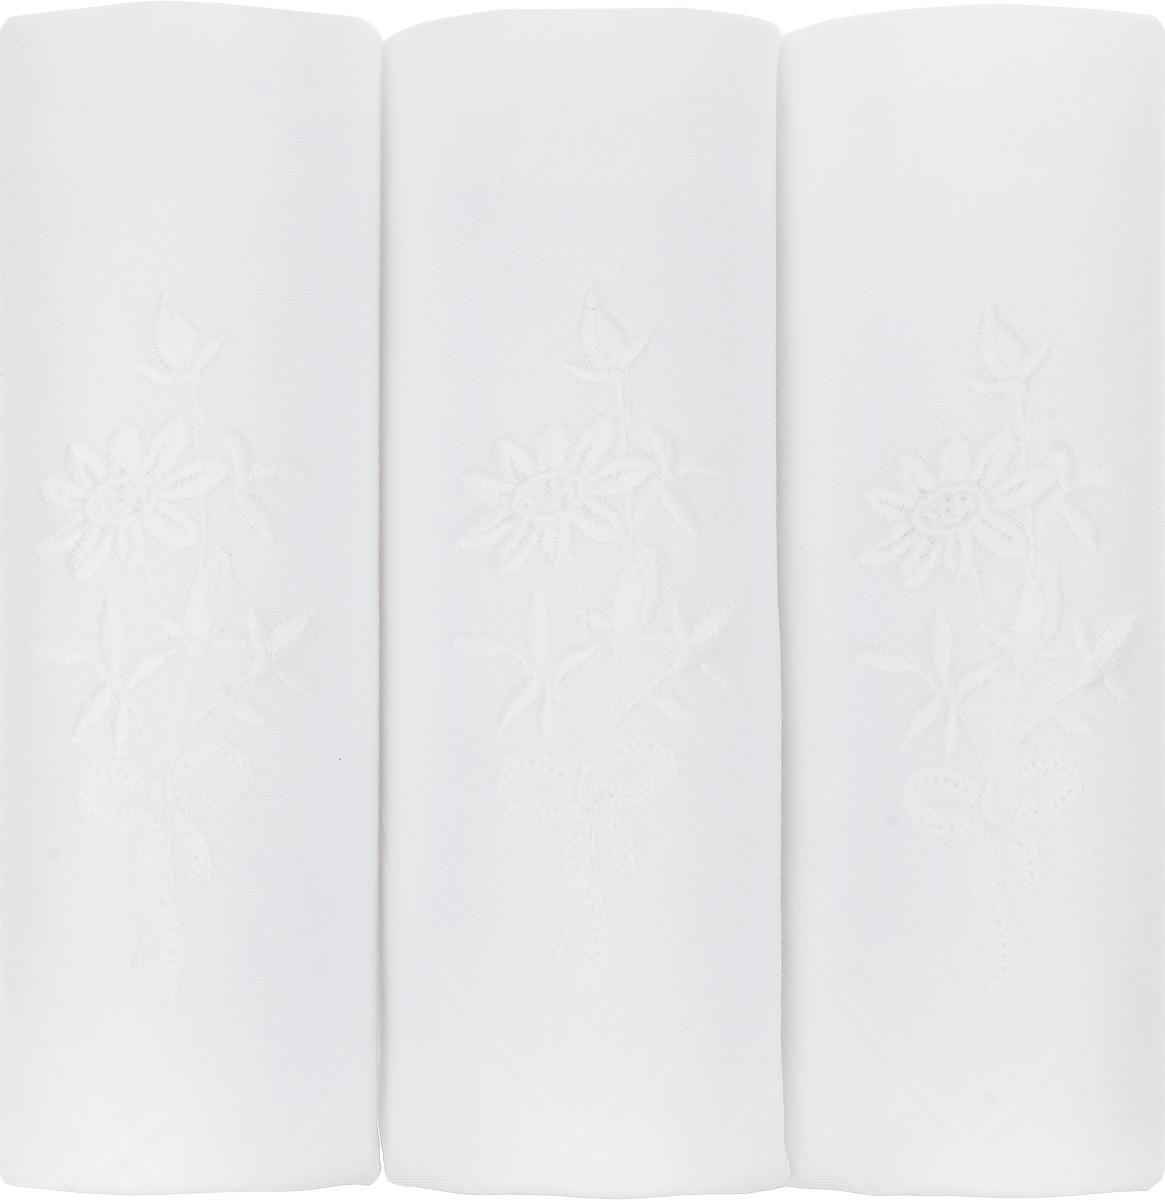 Платок носовой женский Zlata Korunka, цвет: белый, 3 шт. 06601-1. Размер 30 см х 30 см39864|Серьги с подвескамиНебольшой женский носовой платок Zlata Korunka изготовлен из высококачественного натурального хлопка, благодаря чему приятен в использовании, хорошо стирается, не садится и отлично впитывает влагу. Практичный и изящный носовой платок будет незаменим в повседневной жизни любого современного человека. Такой платок послужит стильным аксессуаром и подчеркнет ваше превосходное чувство вкуса.В комплекте 3 платка.